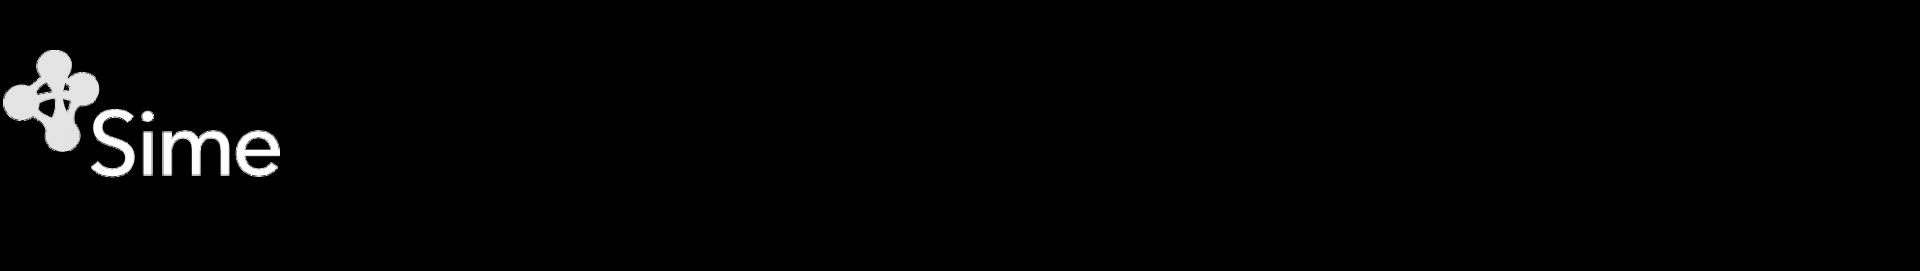 3a4c9d3e-936c-404d-8567-ea5c0beb2e50